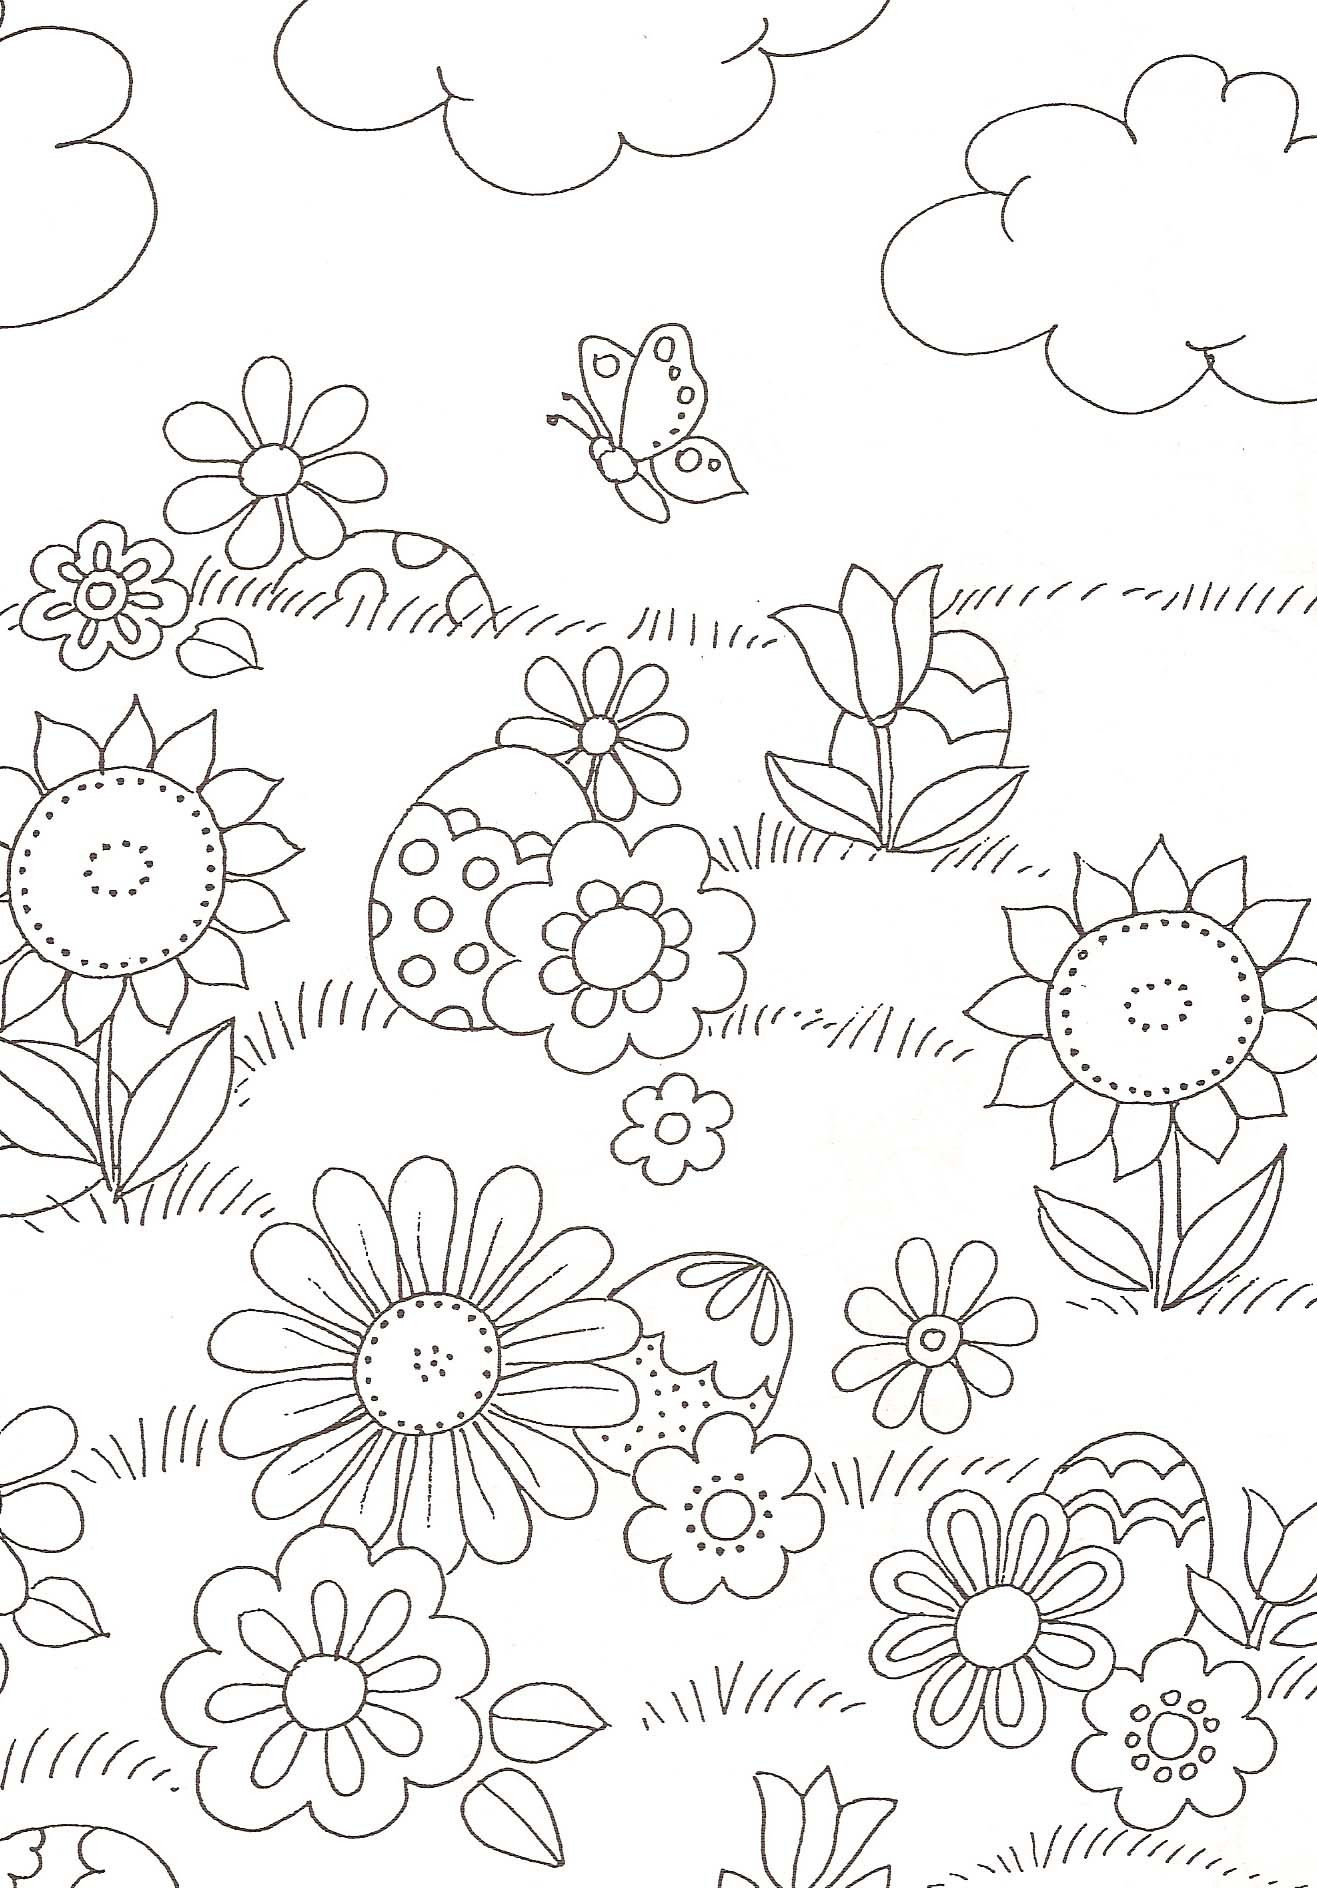 Coloriage Fleurs Et Oeufs De Pâques concernant Dessin A Colorier De Fleur